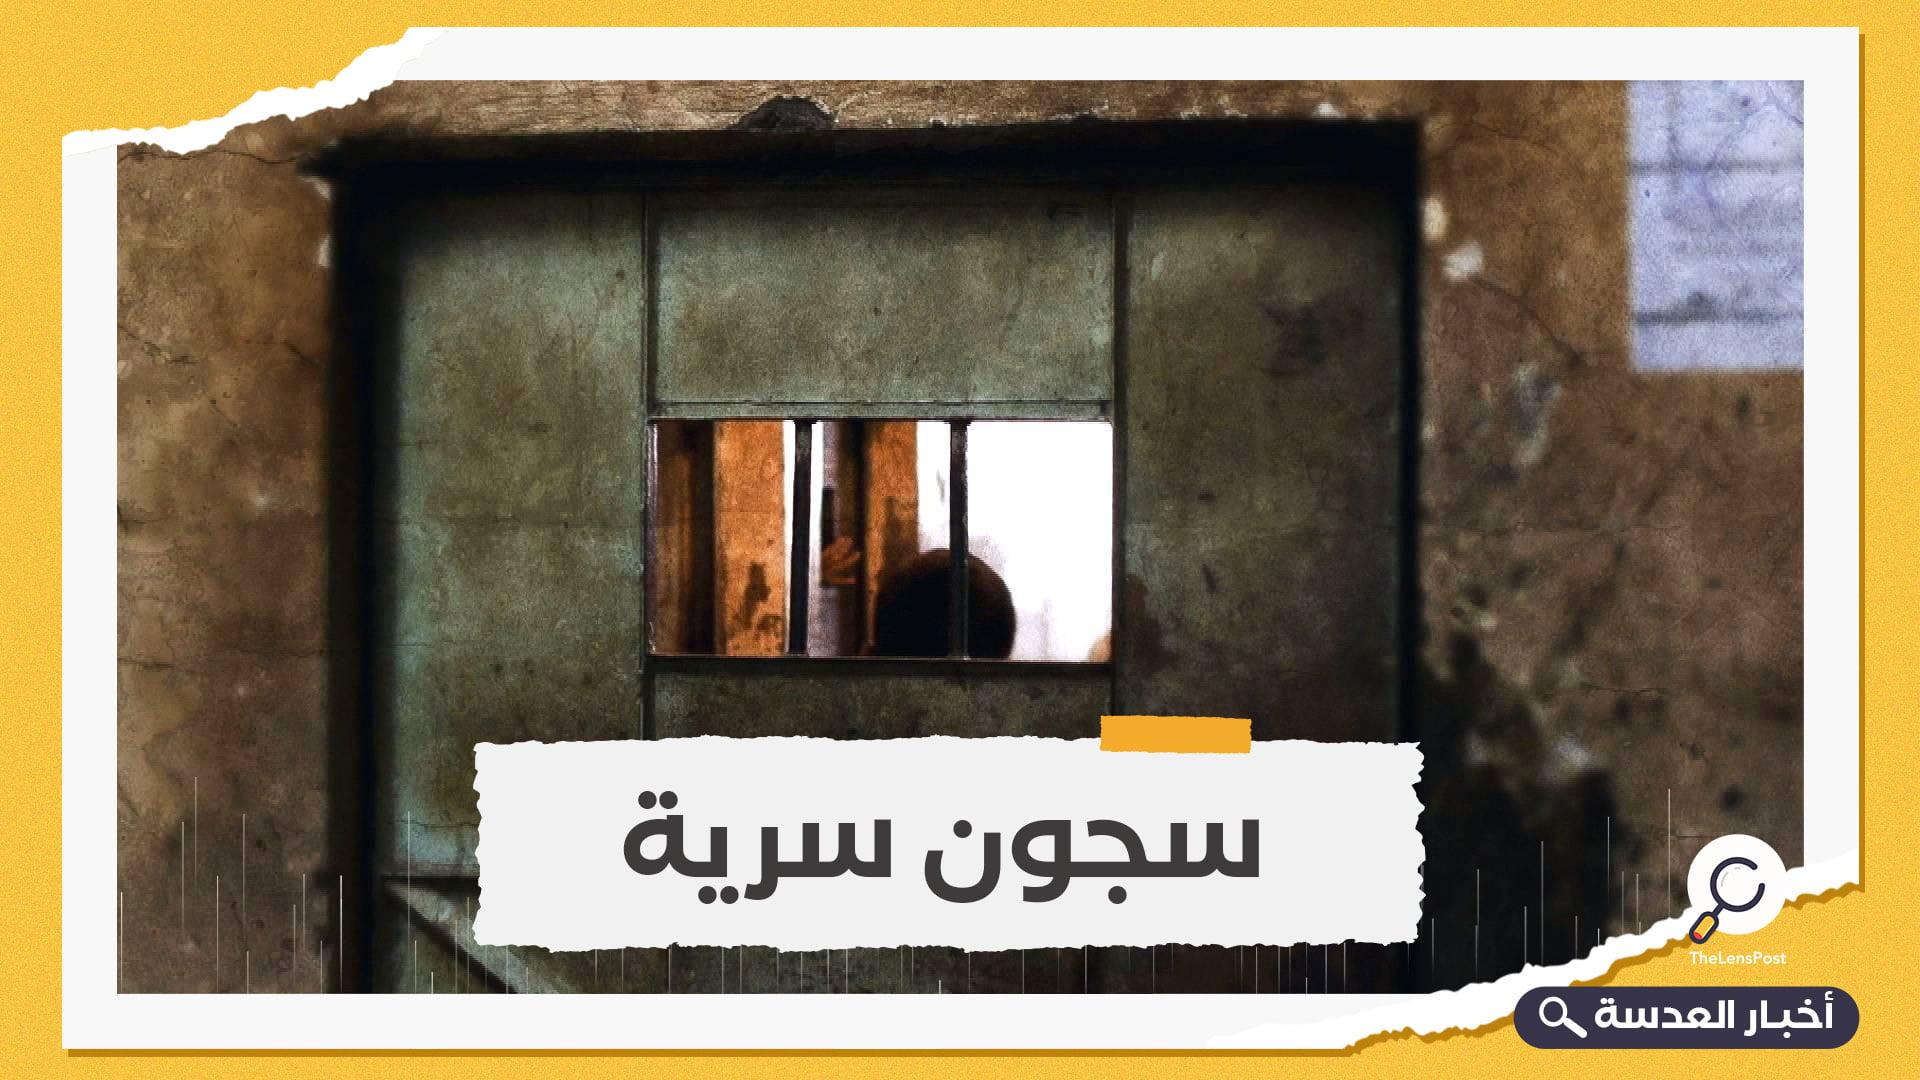 ورطة جديدة.. نواب فرنسيون يوقعون عريضة لوقف الانتهاكات بسجون بن زايد السرية في اليمن